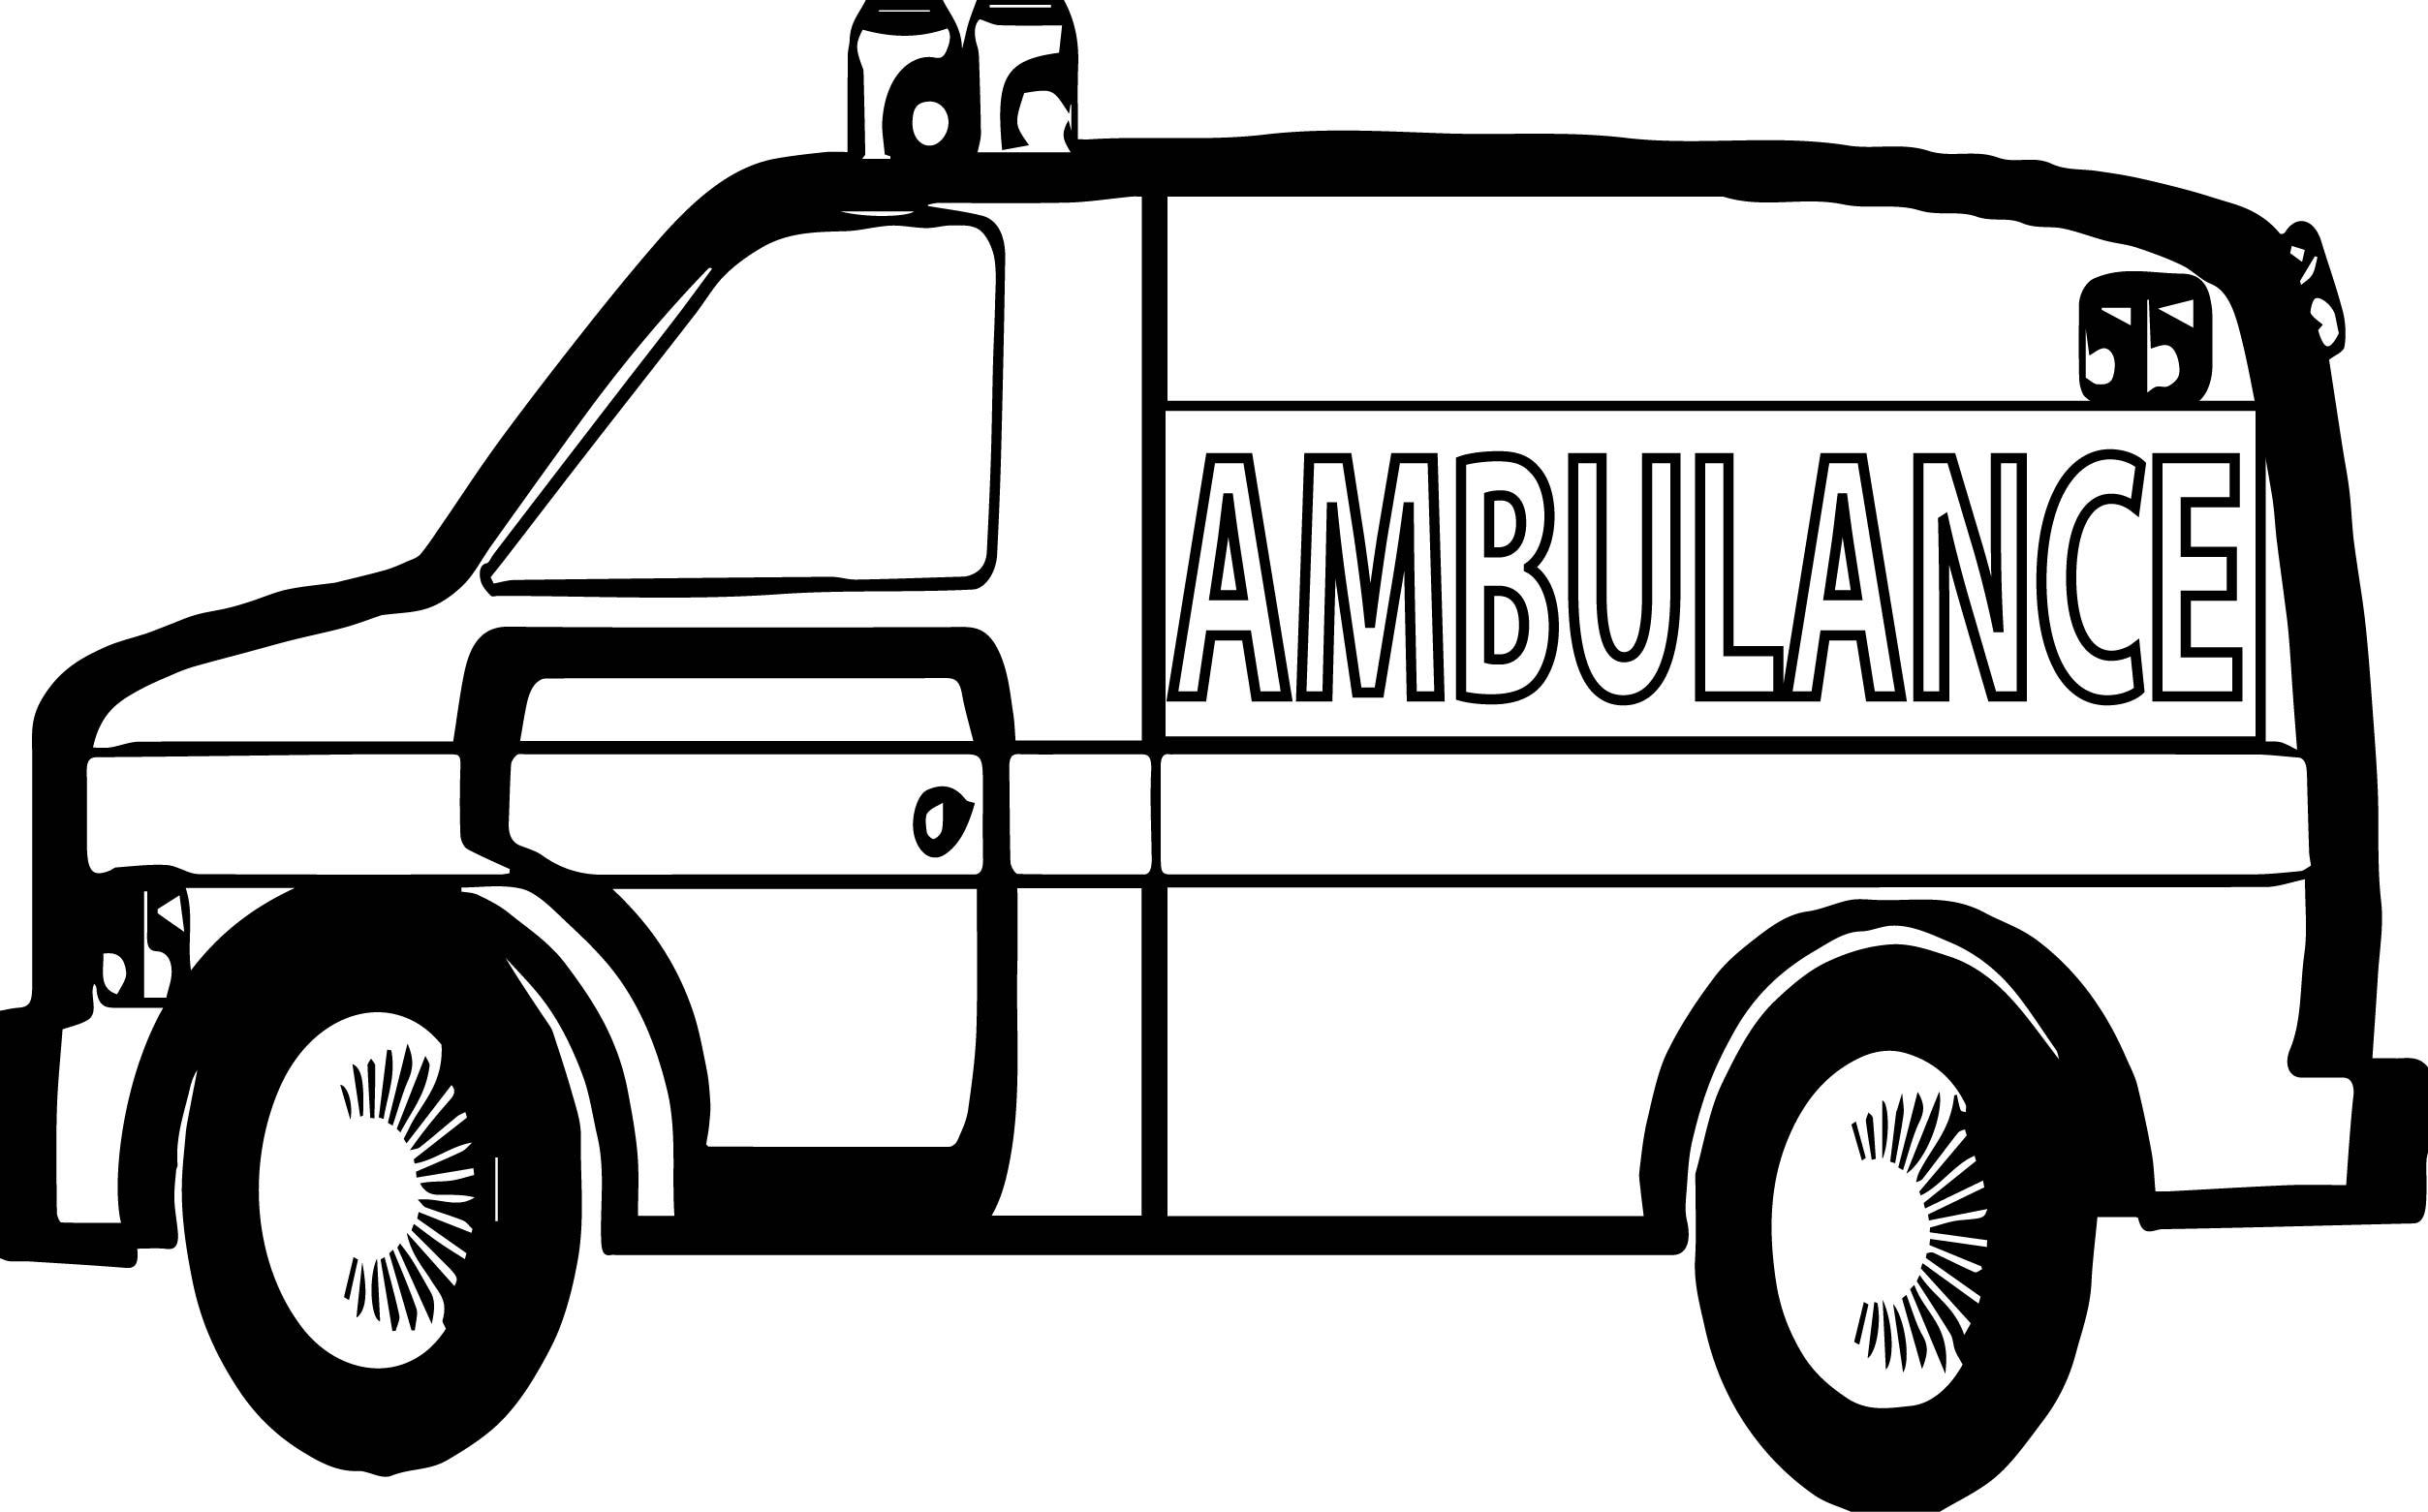 Many Ambulance Coloring Page